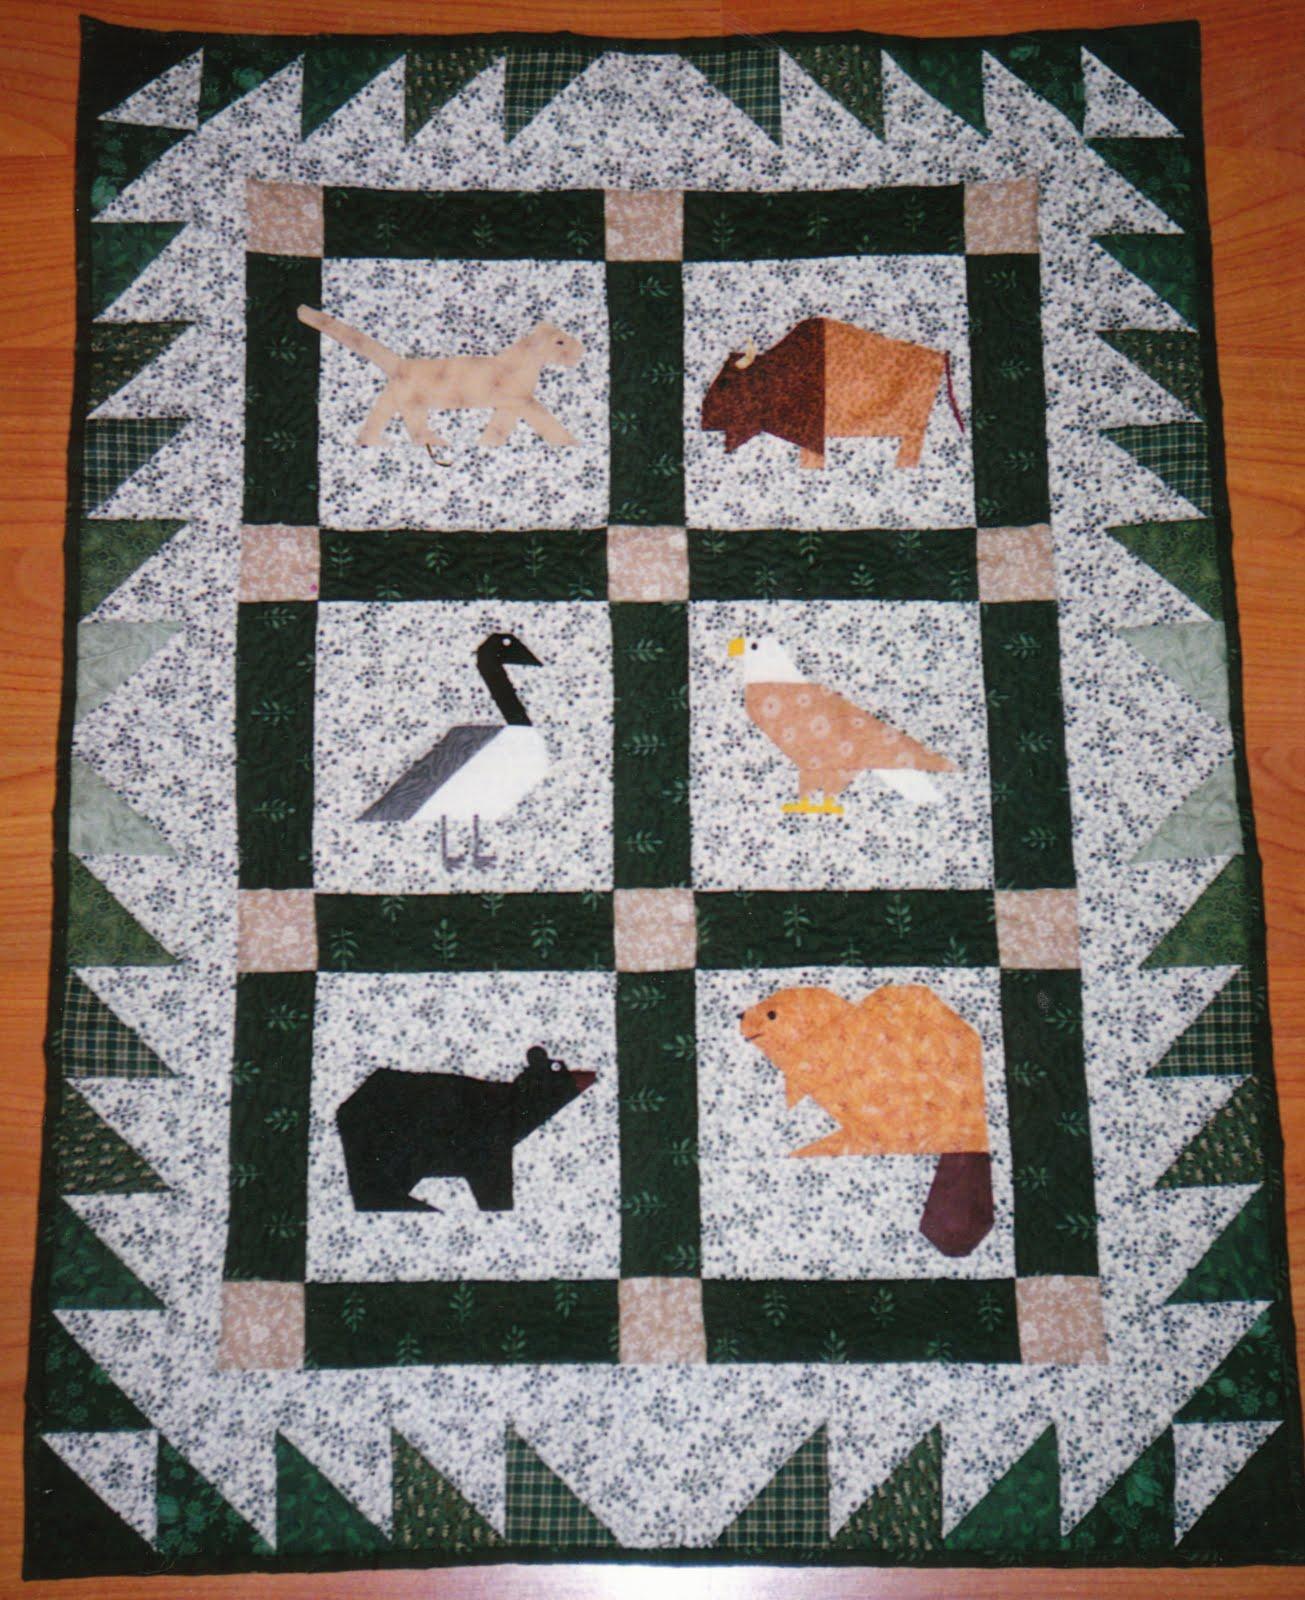 Wayne s Quilts: Animals Down Under